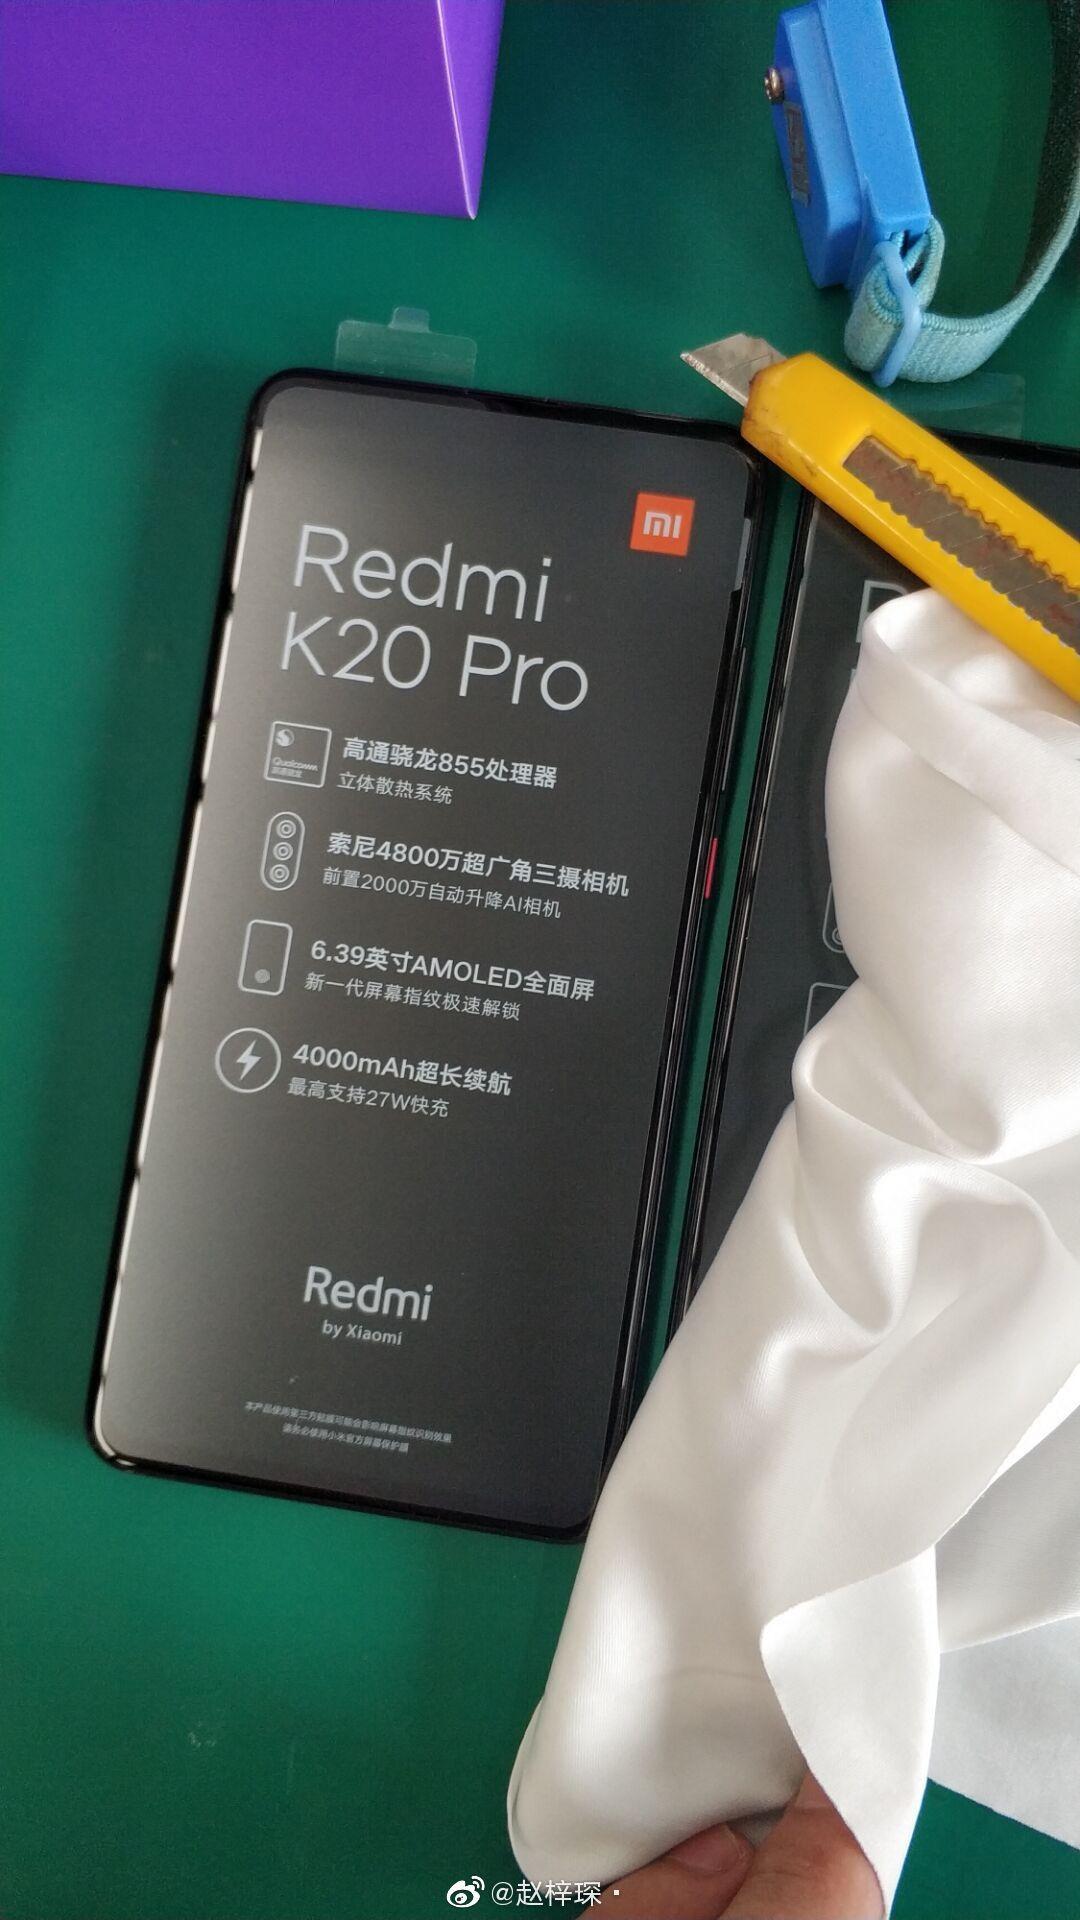 Redmi K20 Pro Unboxing Images